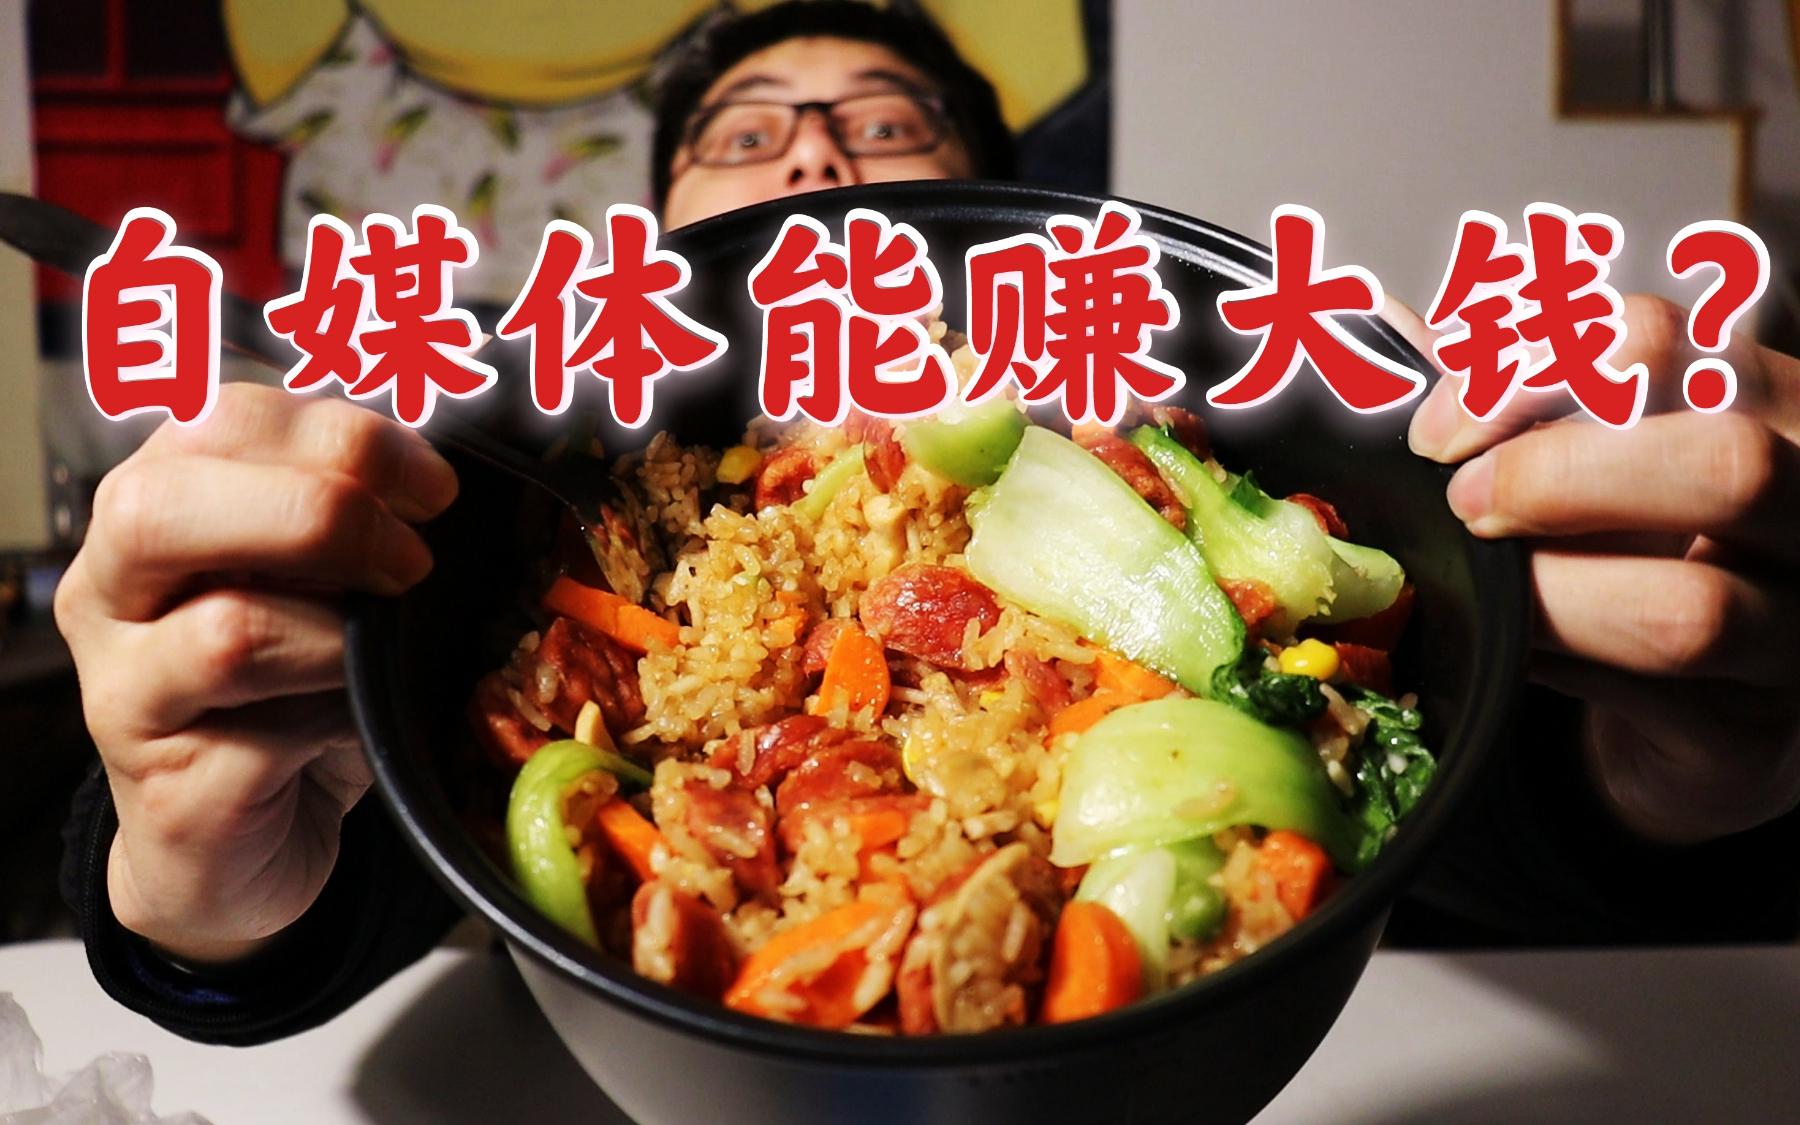 【深夜食话】懒人焖饭,宅男最爱!做自媒体真能赚大钱?